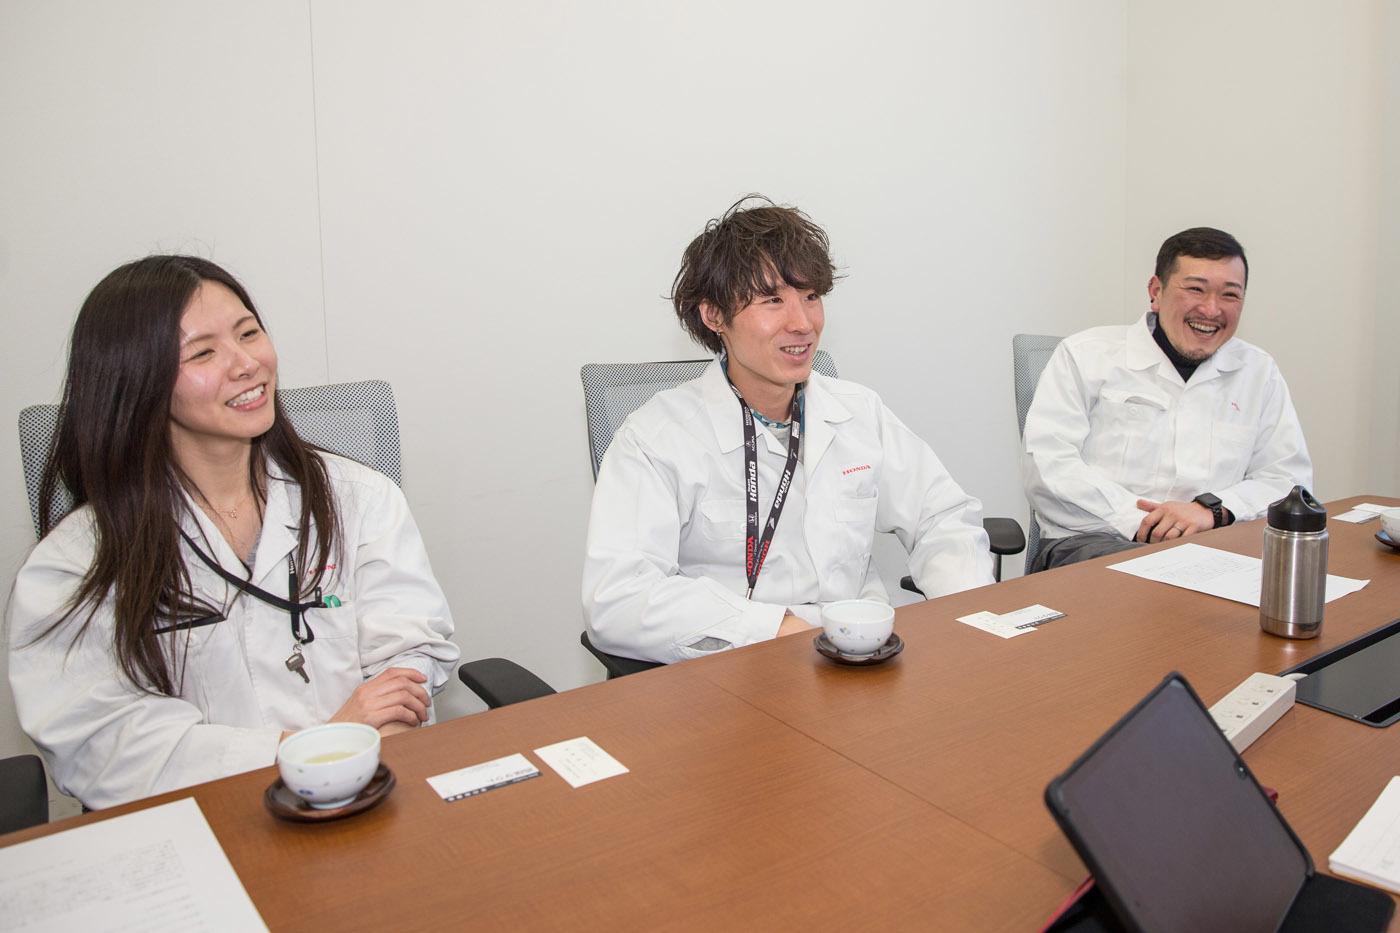 右からホンダアクセスの高橋氏、山田氏、竹腰氏(浜田氏は「自分は裏方なので……」と顔出しなし)